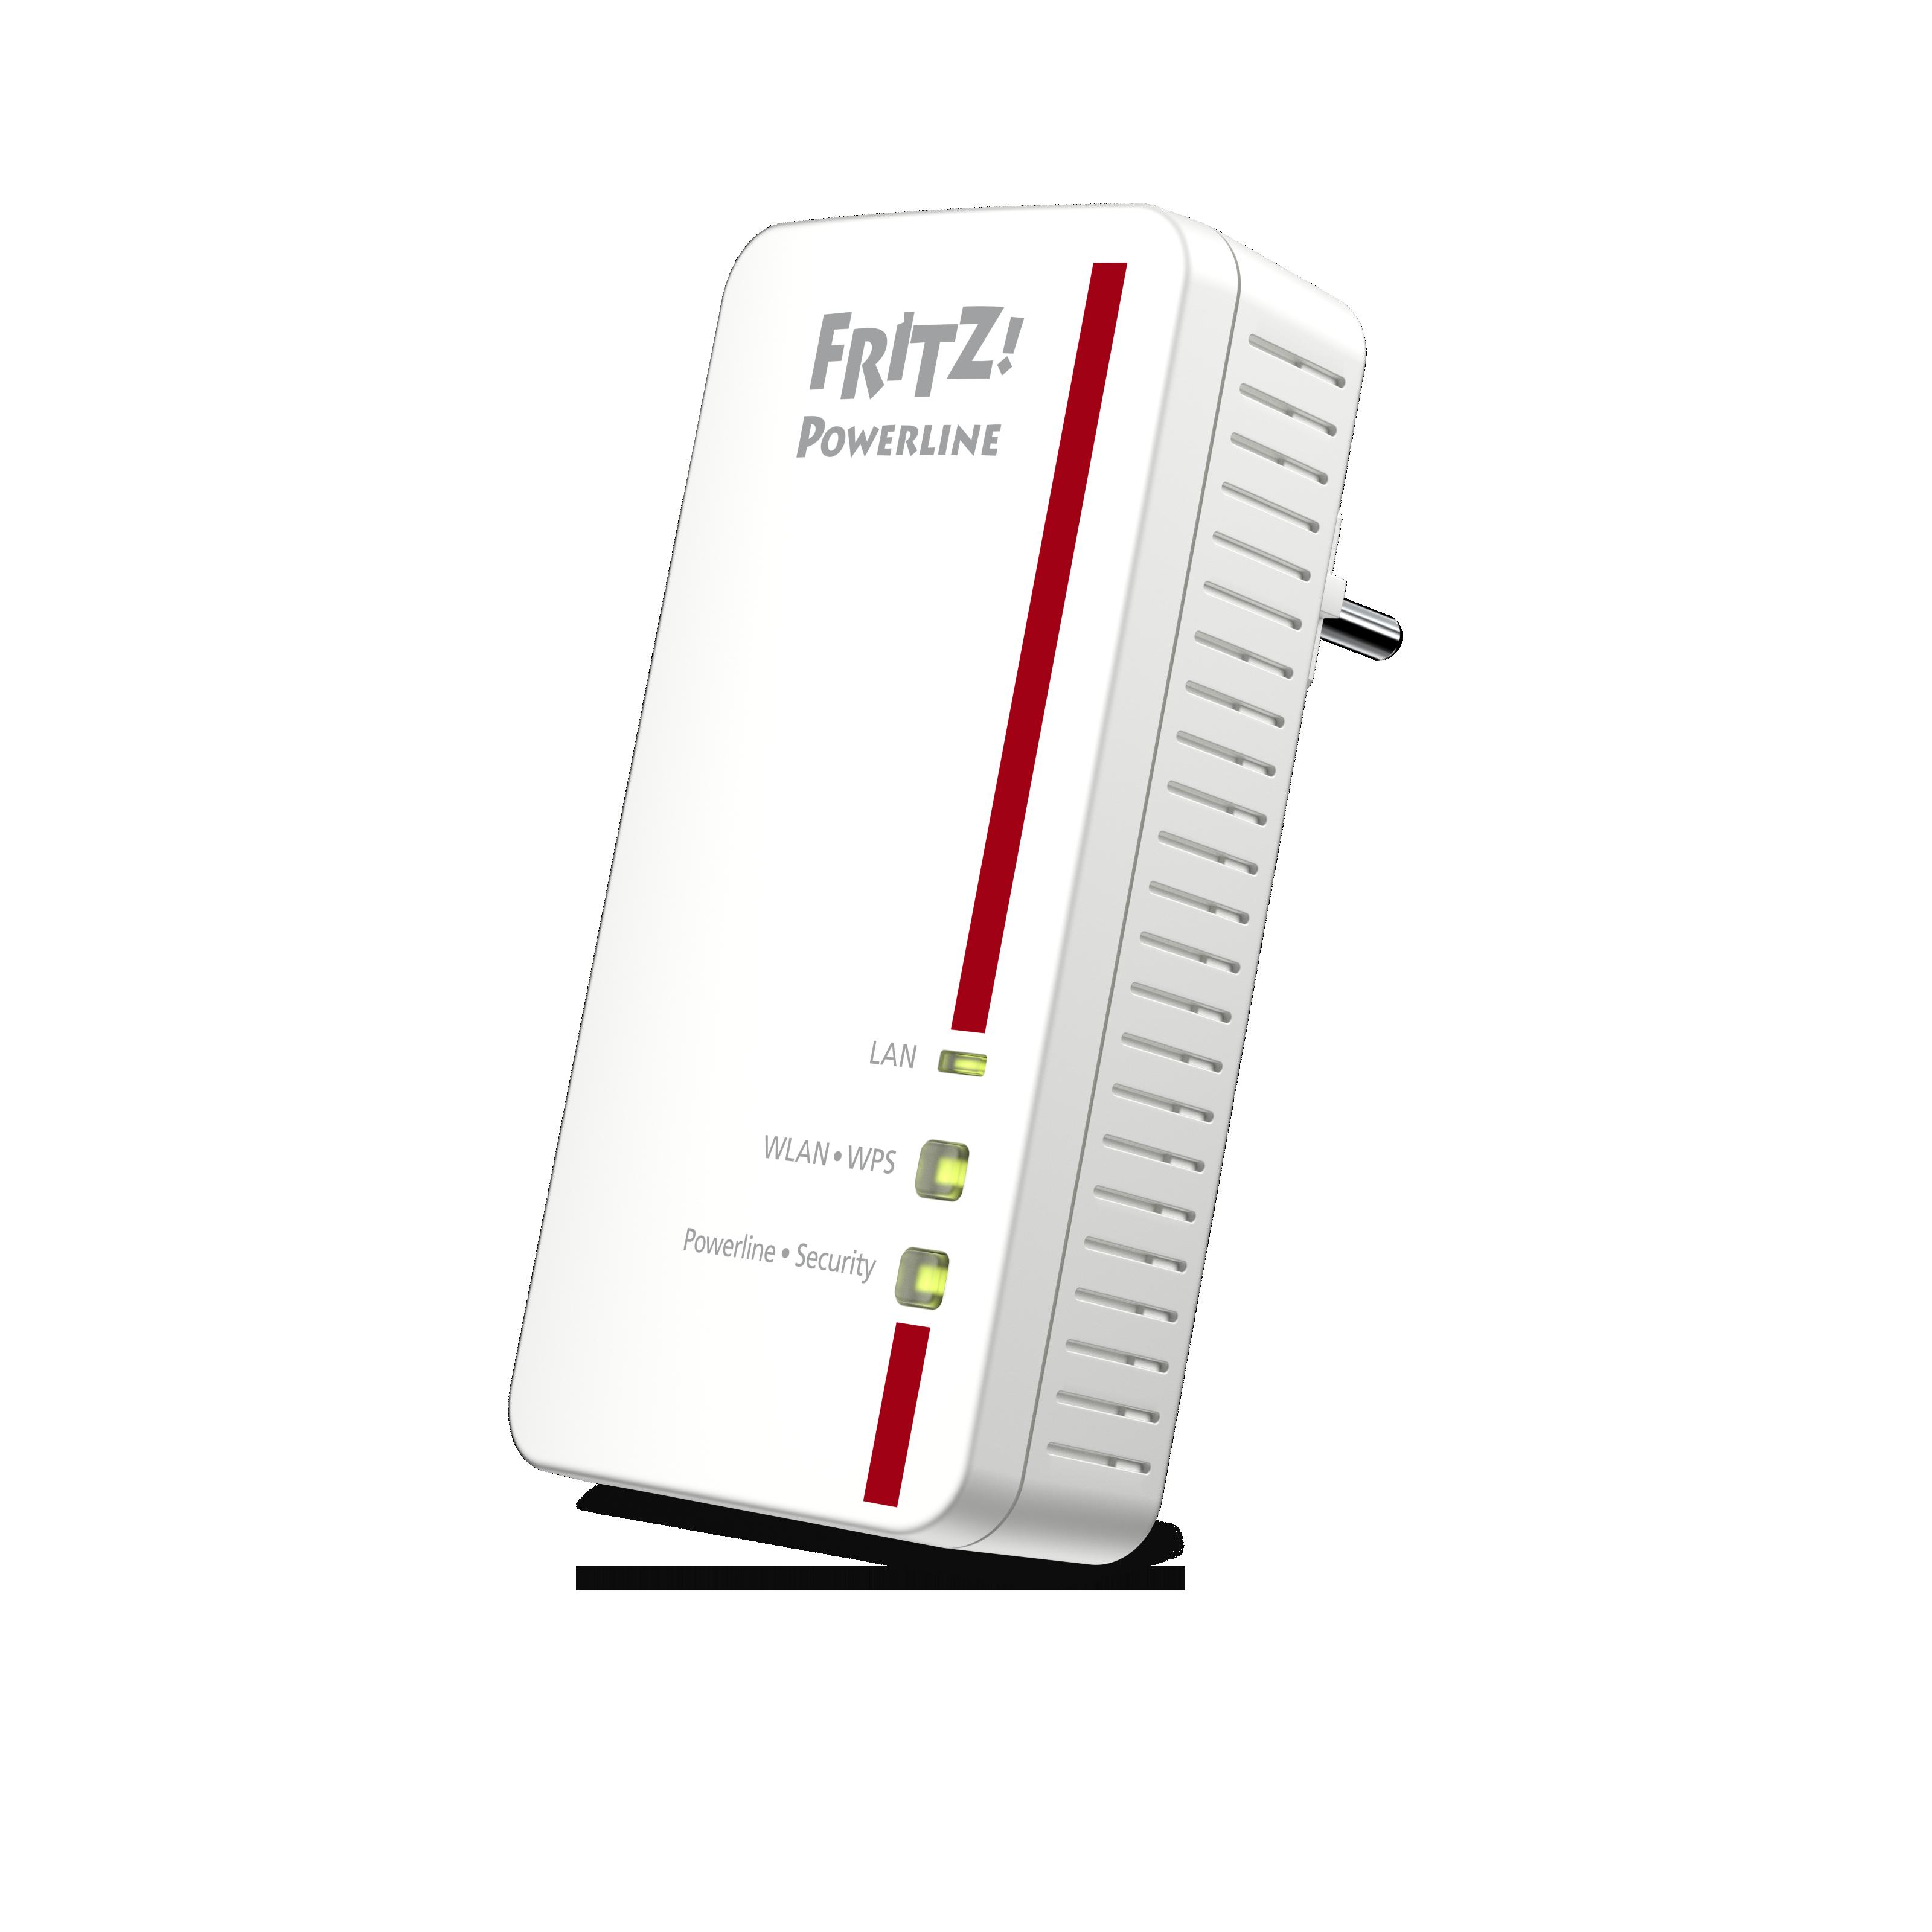 fritz powerline 1260e neuer wlan adapter f r die steckdose von avm landet im handel. Black Bedroom Furniture Sets. Home Design Ideas